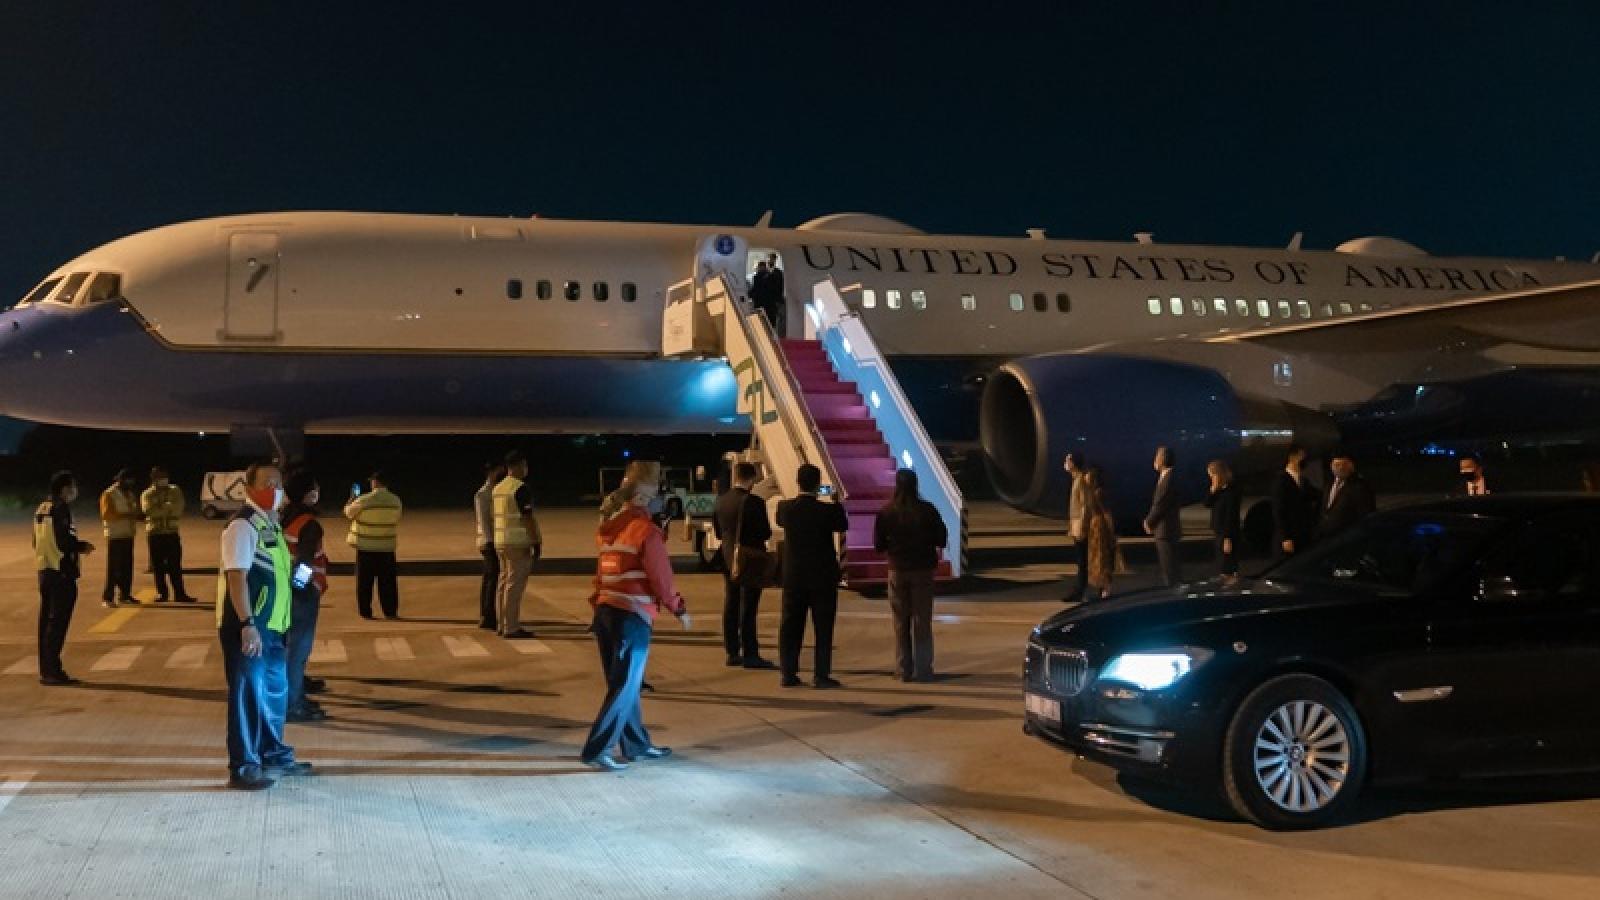 Ngoại trưởng Mỹ Mike Pompeo bắt đầu chuyến thăm chính thức Indonesia